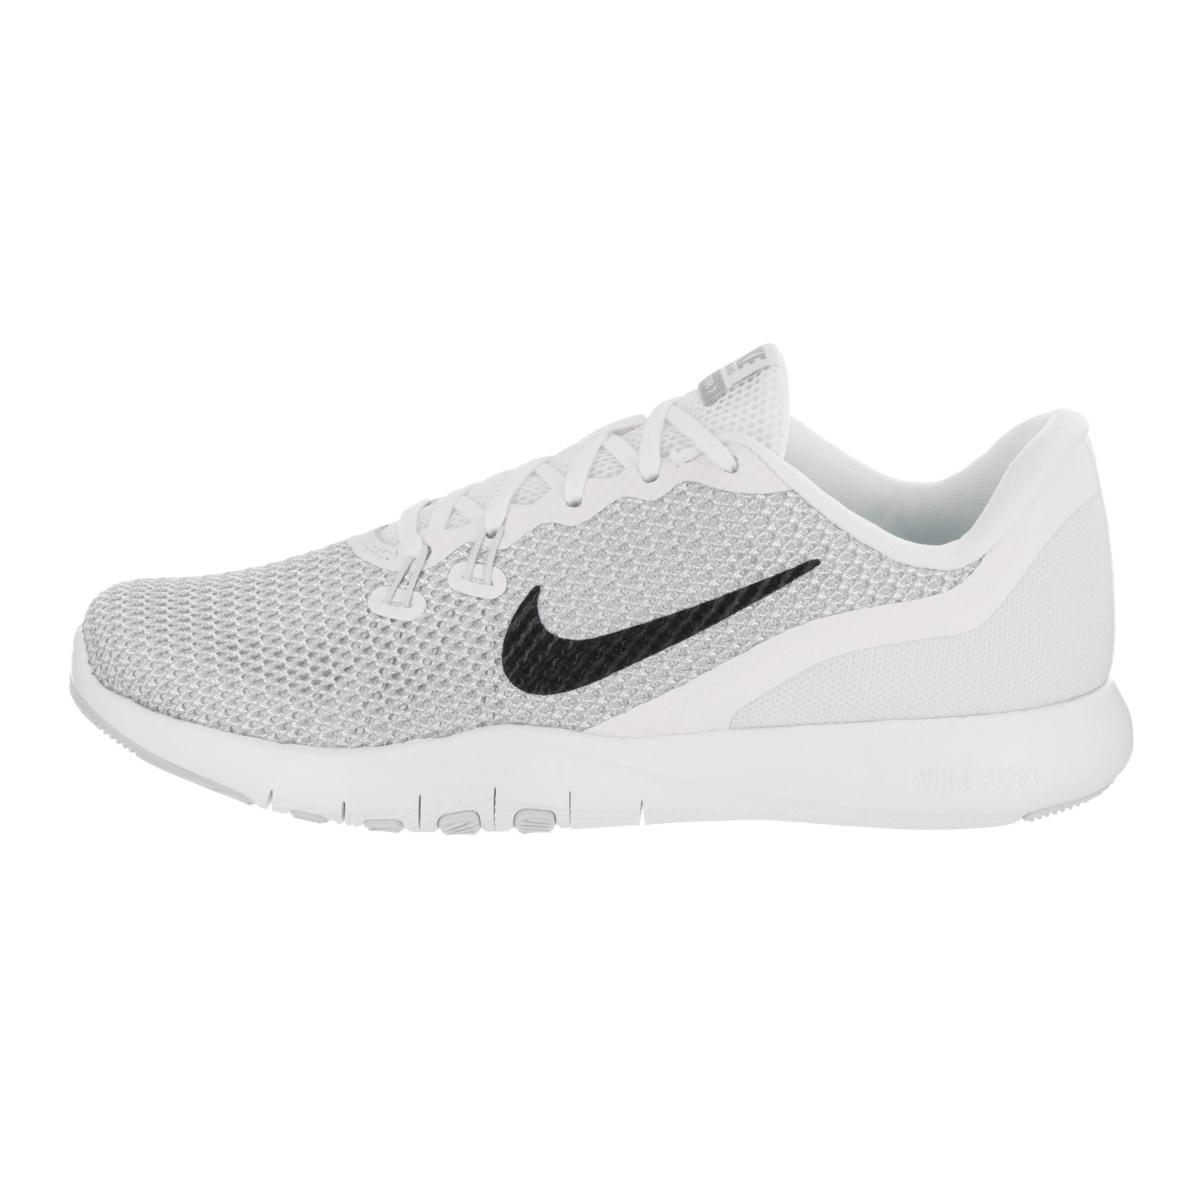 385c7c4e408cb Shop Nike Women s Flex Trainer 7 Training Shoe - Free Shipping Today -  Overstock - 16850393